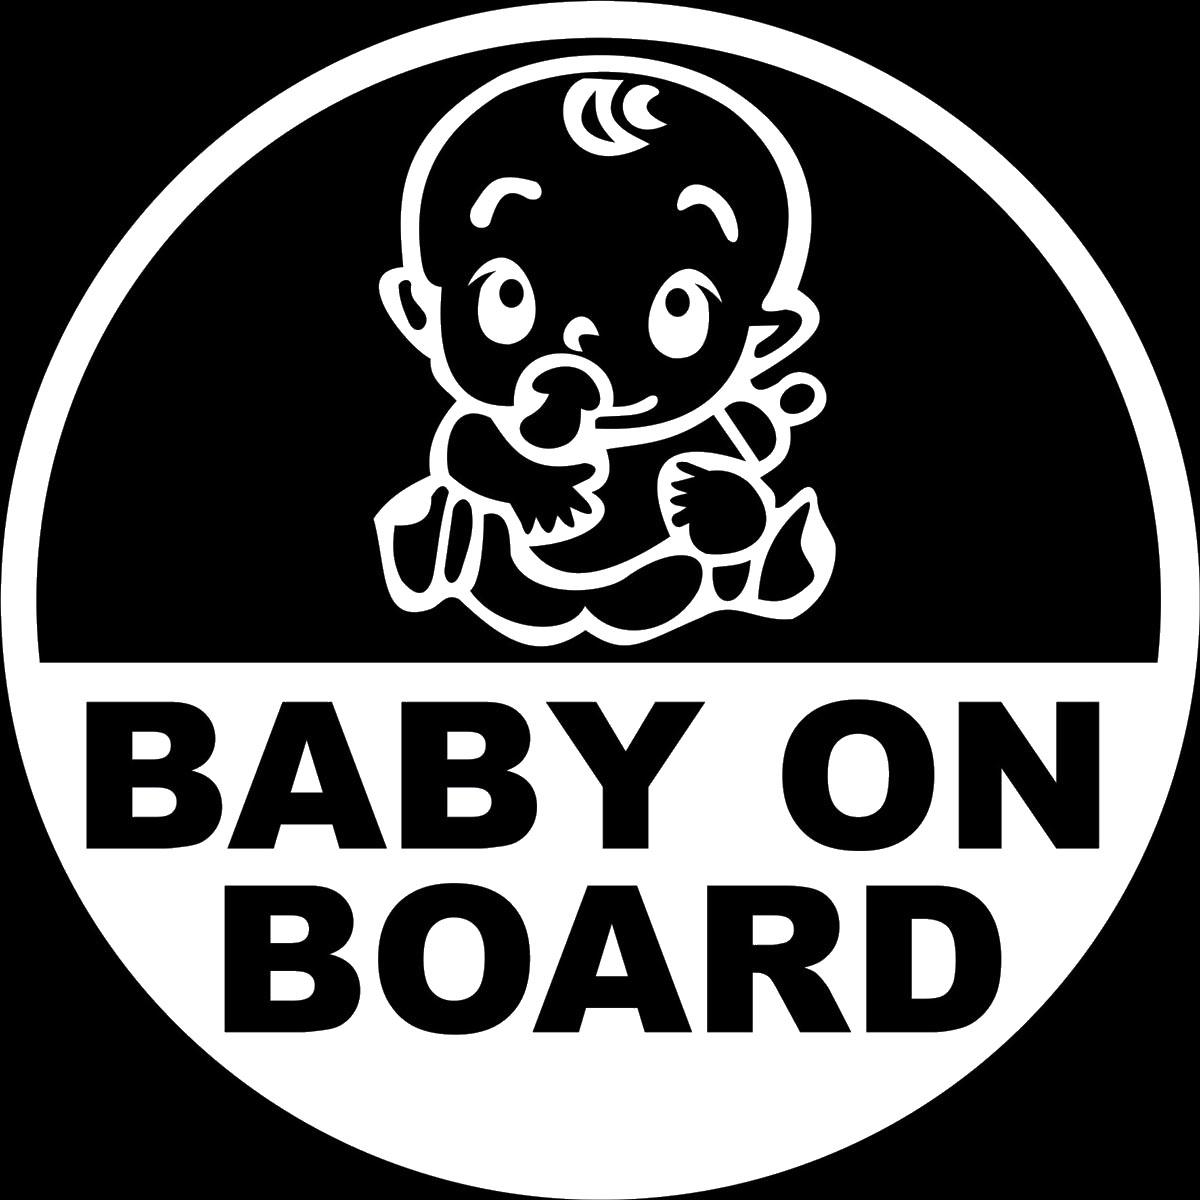 Наклейка автомобильная Оранжевый слоник Baby on Board. Круг 2, виниловая, цвет: белый150RM0008WОригинальная наклейка Оранжевый слоник Baby on Board. Круг 2 изготовлена из высококачественного винила, который выполняет не только декоративную функцию, но и защищает кузов от небольших механических повреждений, либо скрывает уже существующие. Виниловые наклейки на авто - это не только красиво, но еще и быстро! Всего за несколько минут вы можете полностью преобразить свой автомобиль, сделать его ярким, необычным, особенным и неповторимым!